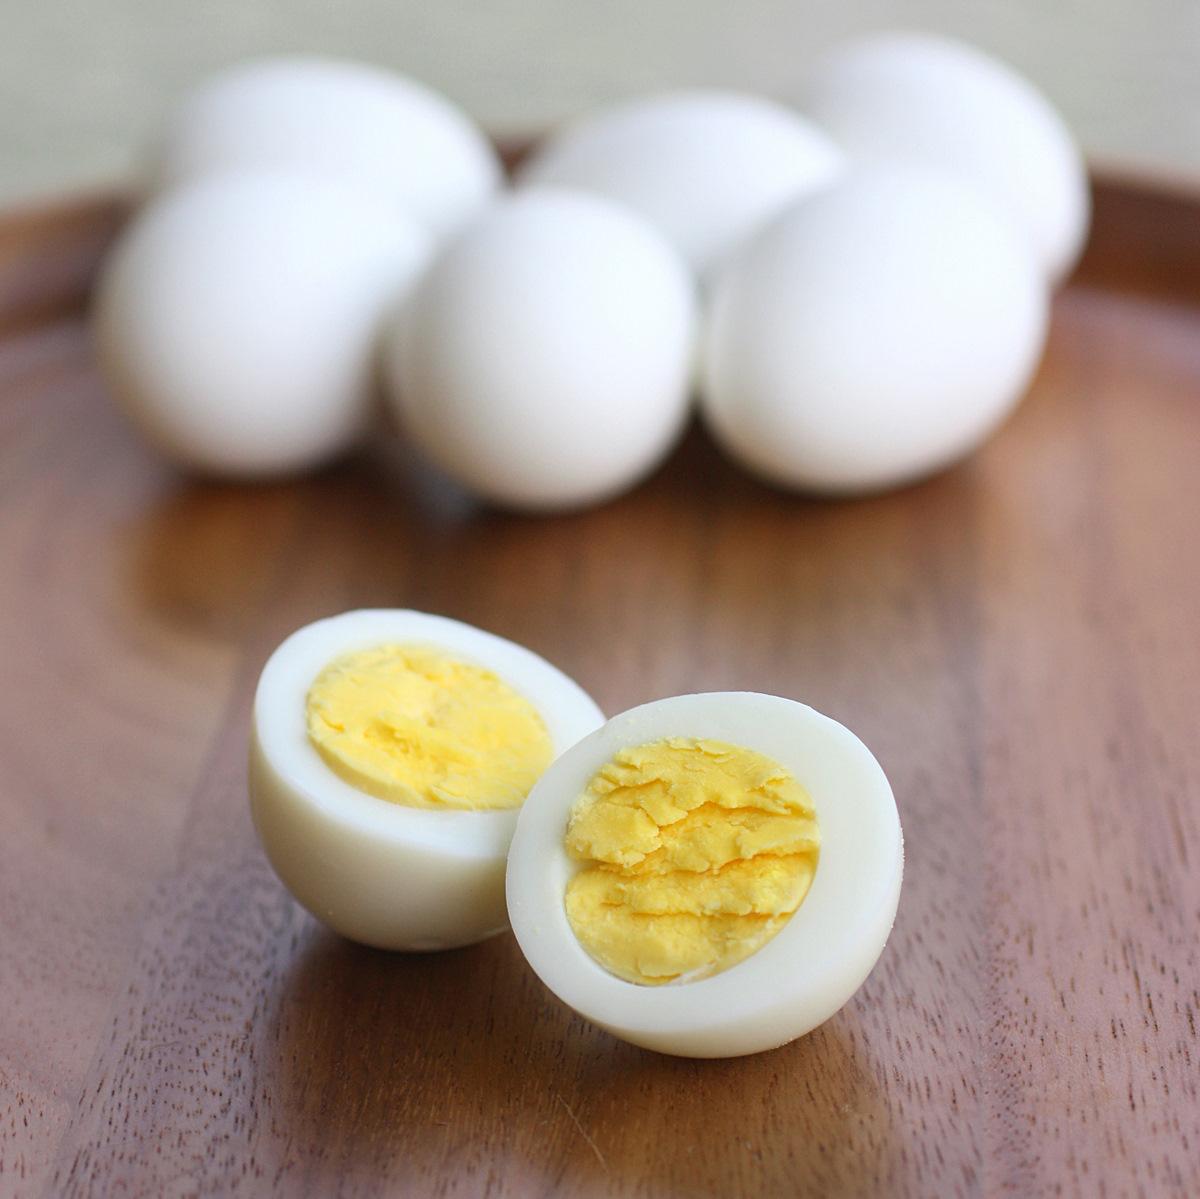 Hard boiled egg 1